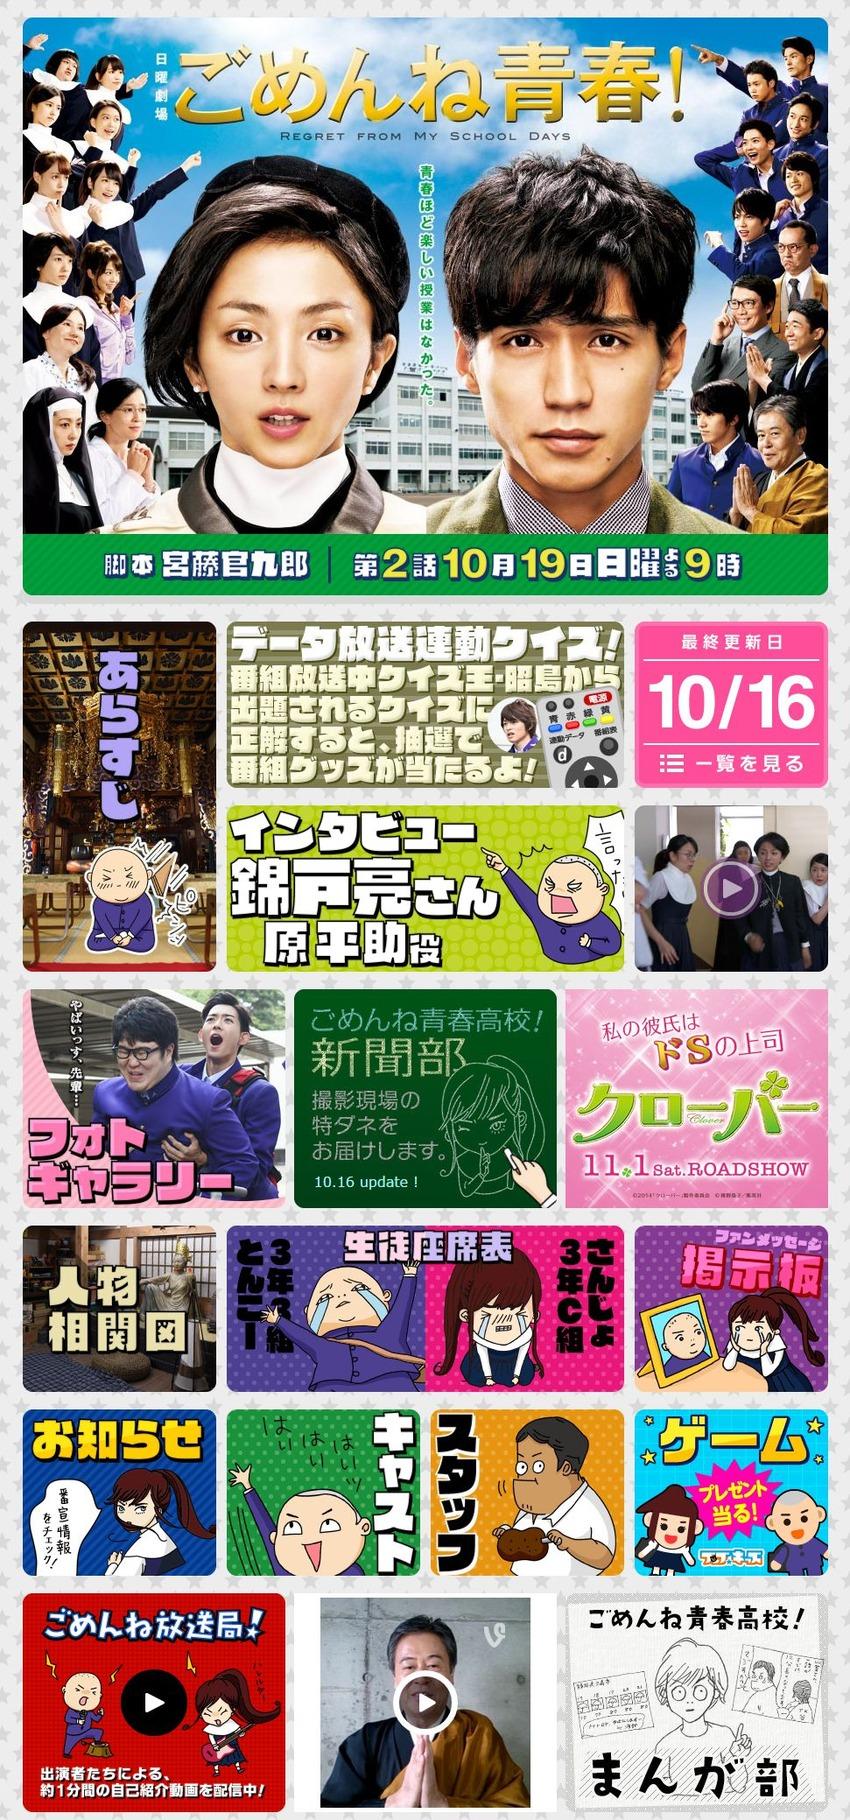 日曜劇場『ごめんね青春!』|TBSテレビ